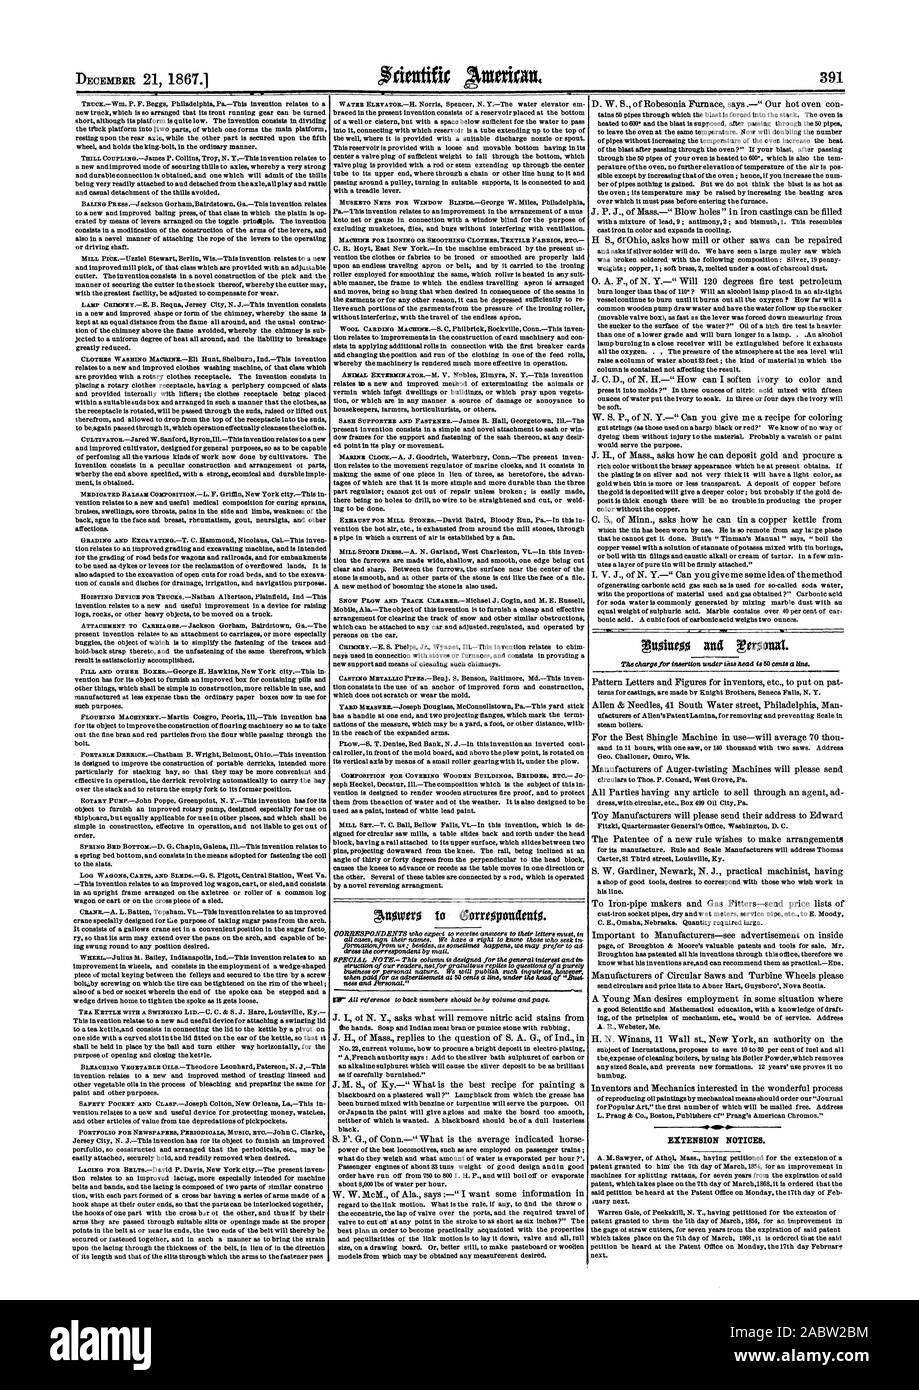 La MACHINE POUR LE LISSAGE DE REPASSAGE OU DE TISSUS TEXTILES Vêtements ETC AMP. Les avis de prorogation, Scientific American, 1867-12-21 Banque D'Images